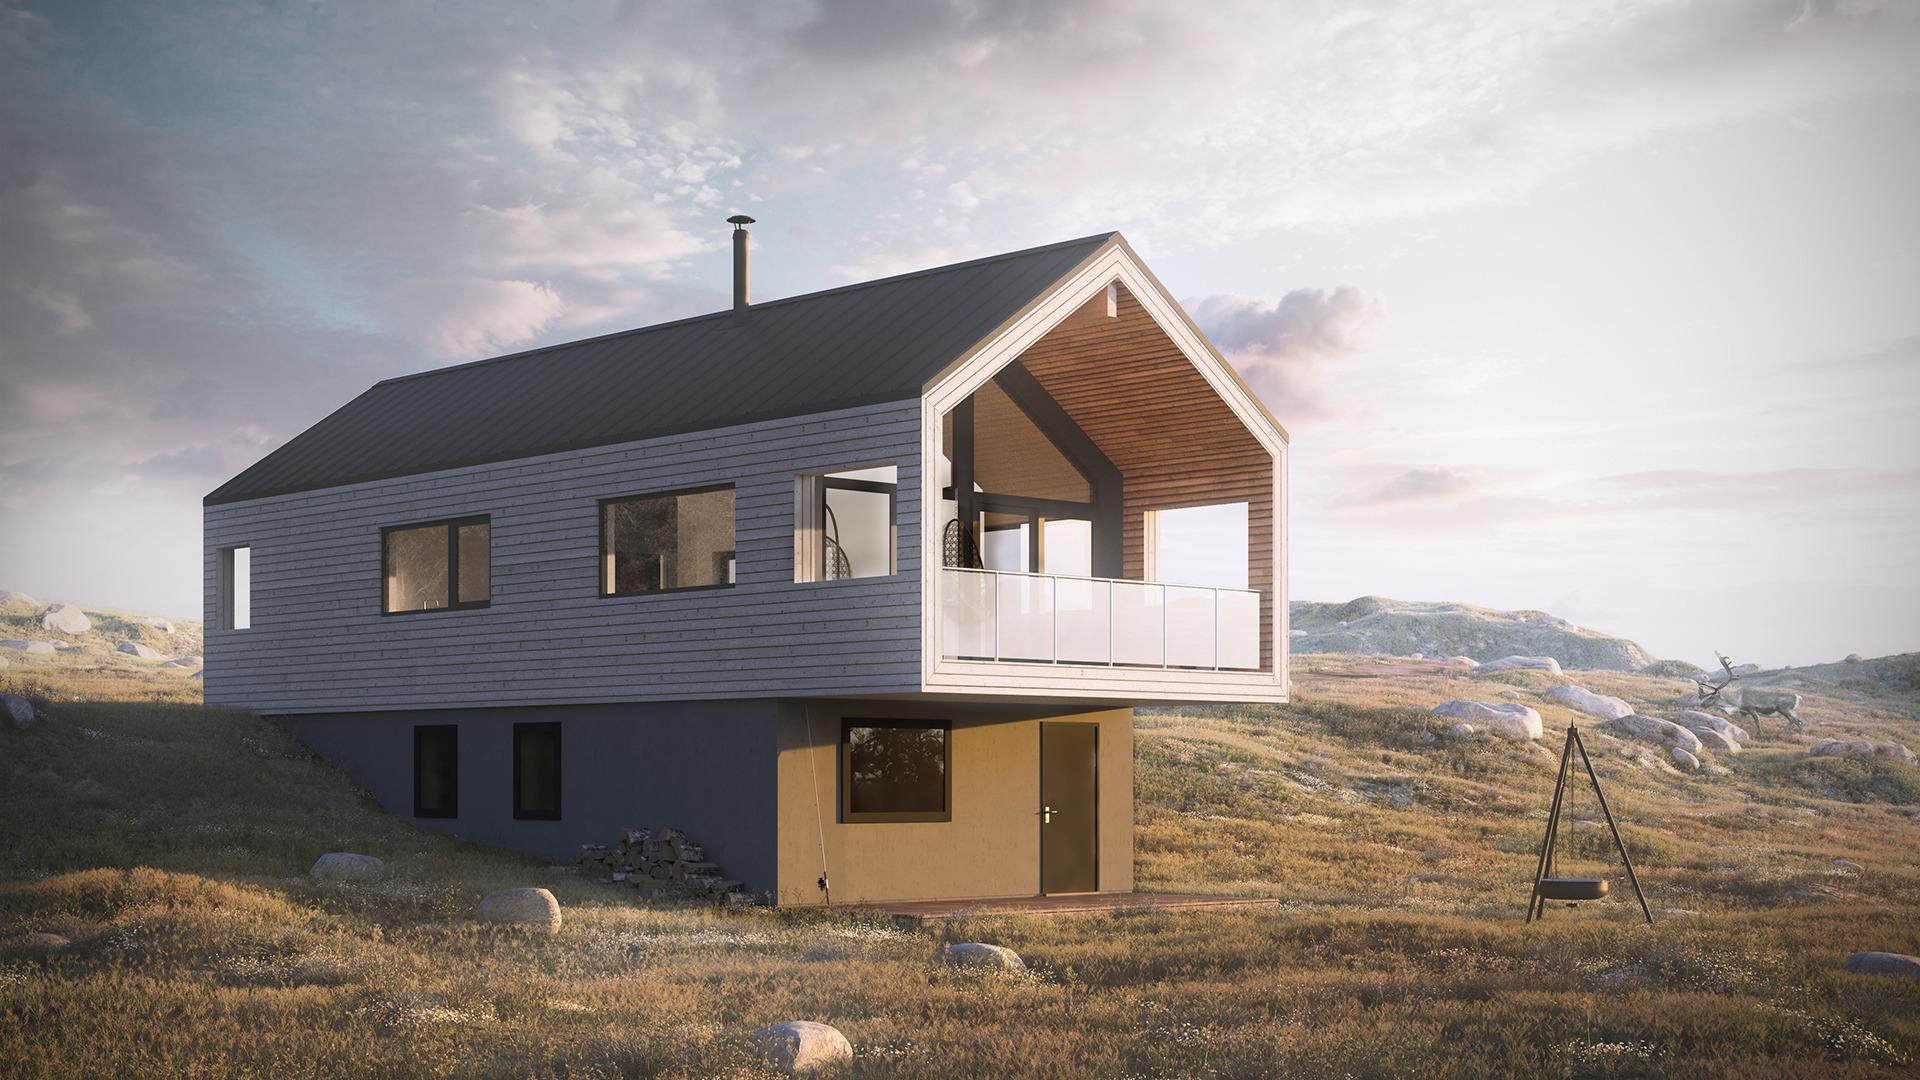 en moderne hytte, perfekt for skrå tomter, med fine detaljer.